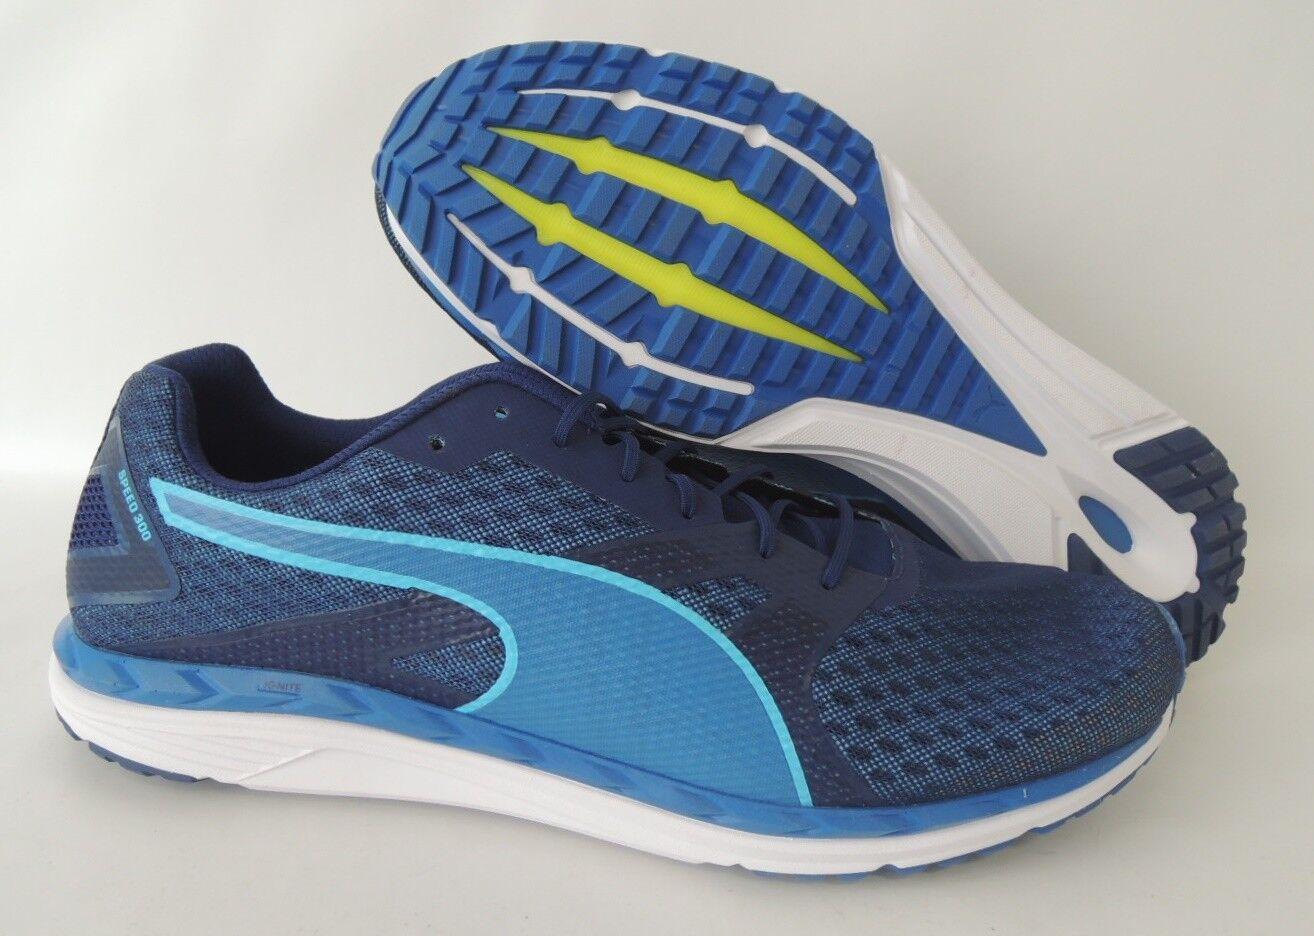 NEU Puma Speed 300 Ignite 2 Größe 43 Running Schuhe Laufschuhe 189945-02